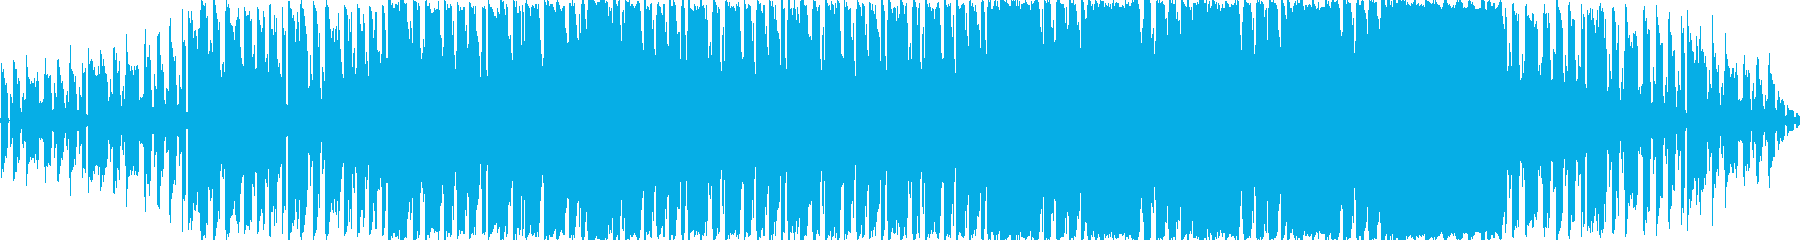 ループ可能なシンセポップの再生済みの波形